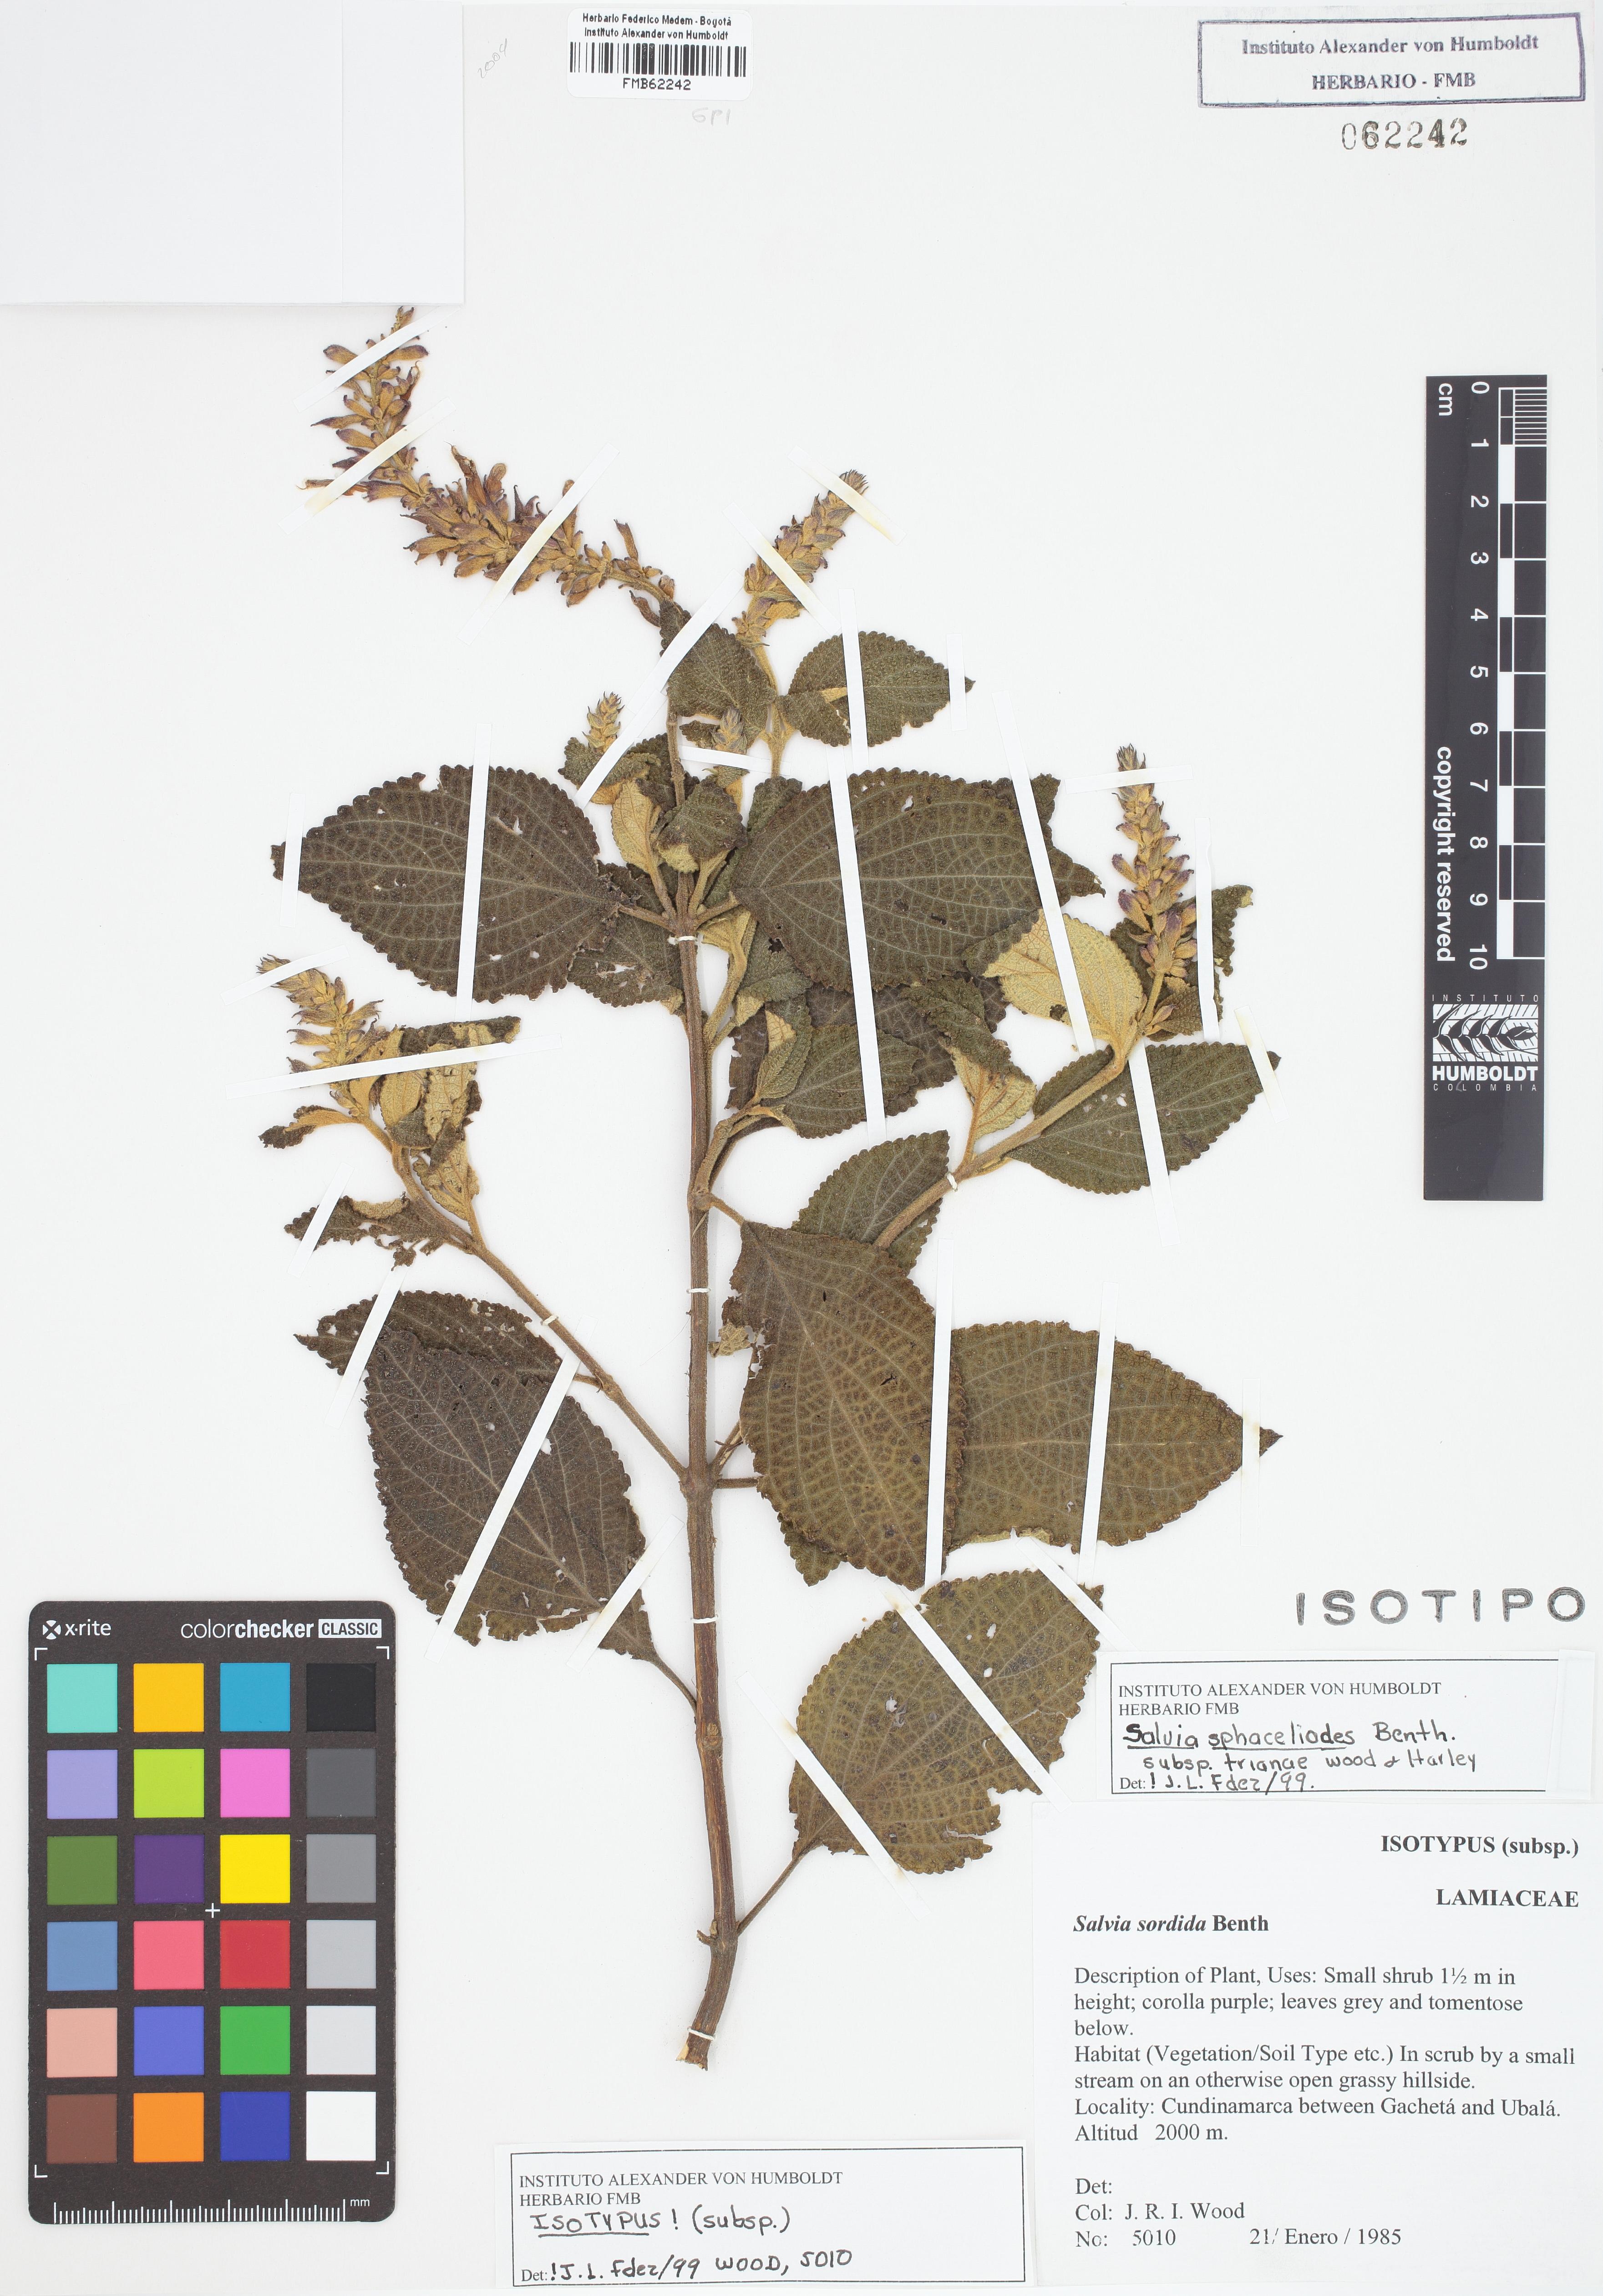 Isotipo de <em>Salvia sphacelioides</em> subsp. <em>trianae</em>, FMB-62242, Fotografía por Robles A.